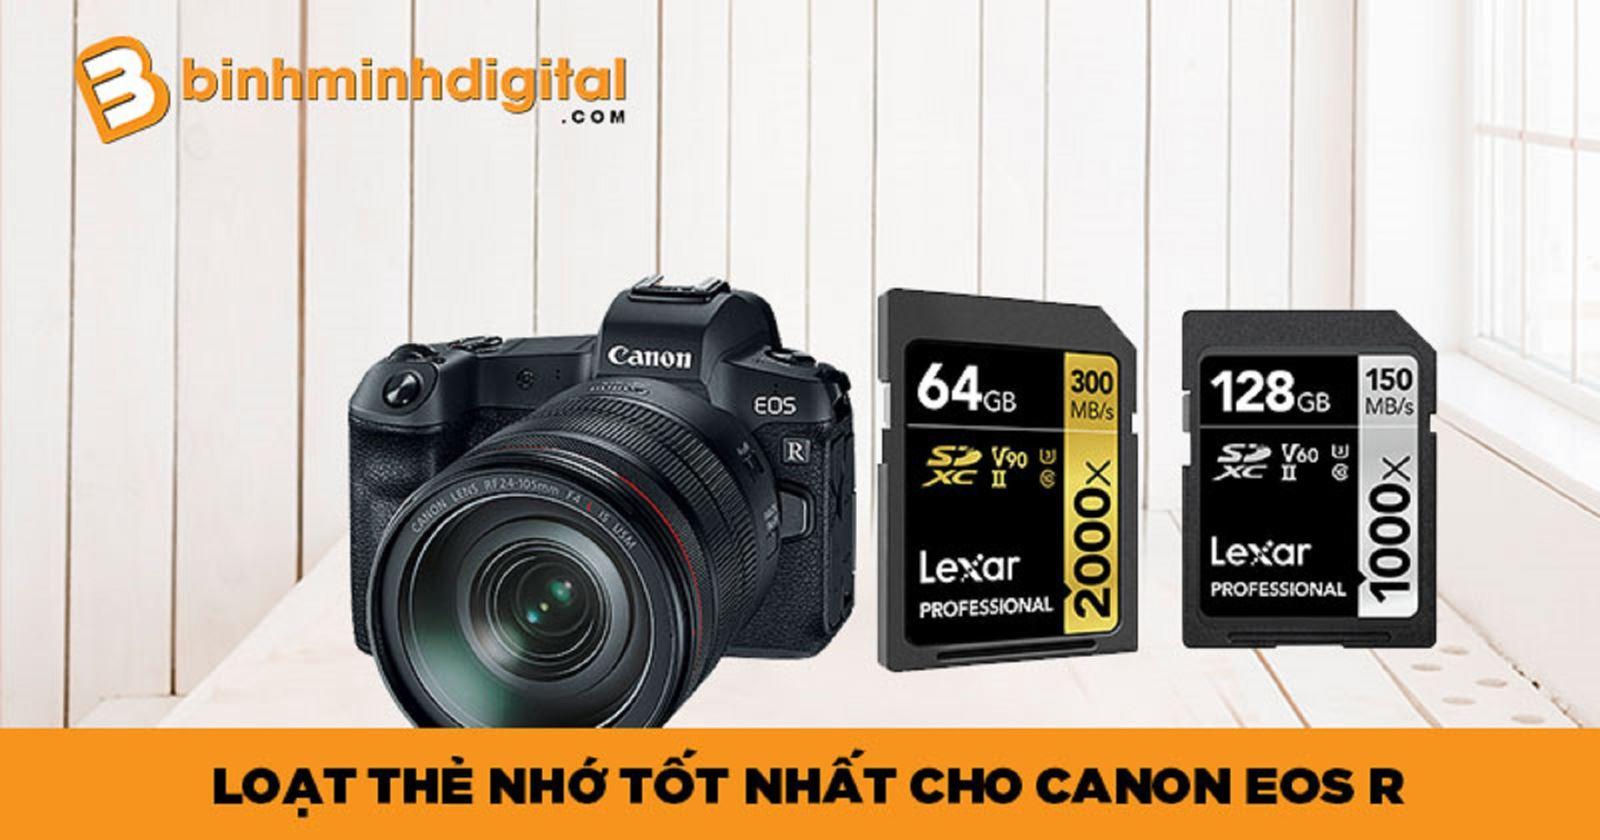 Loạt thẻ nhớ tốt nhất cho Canon EOS R